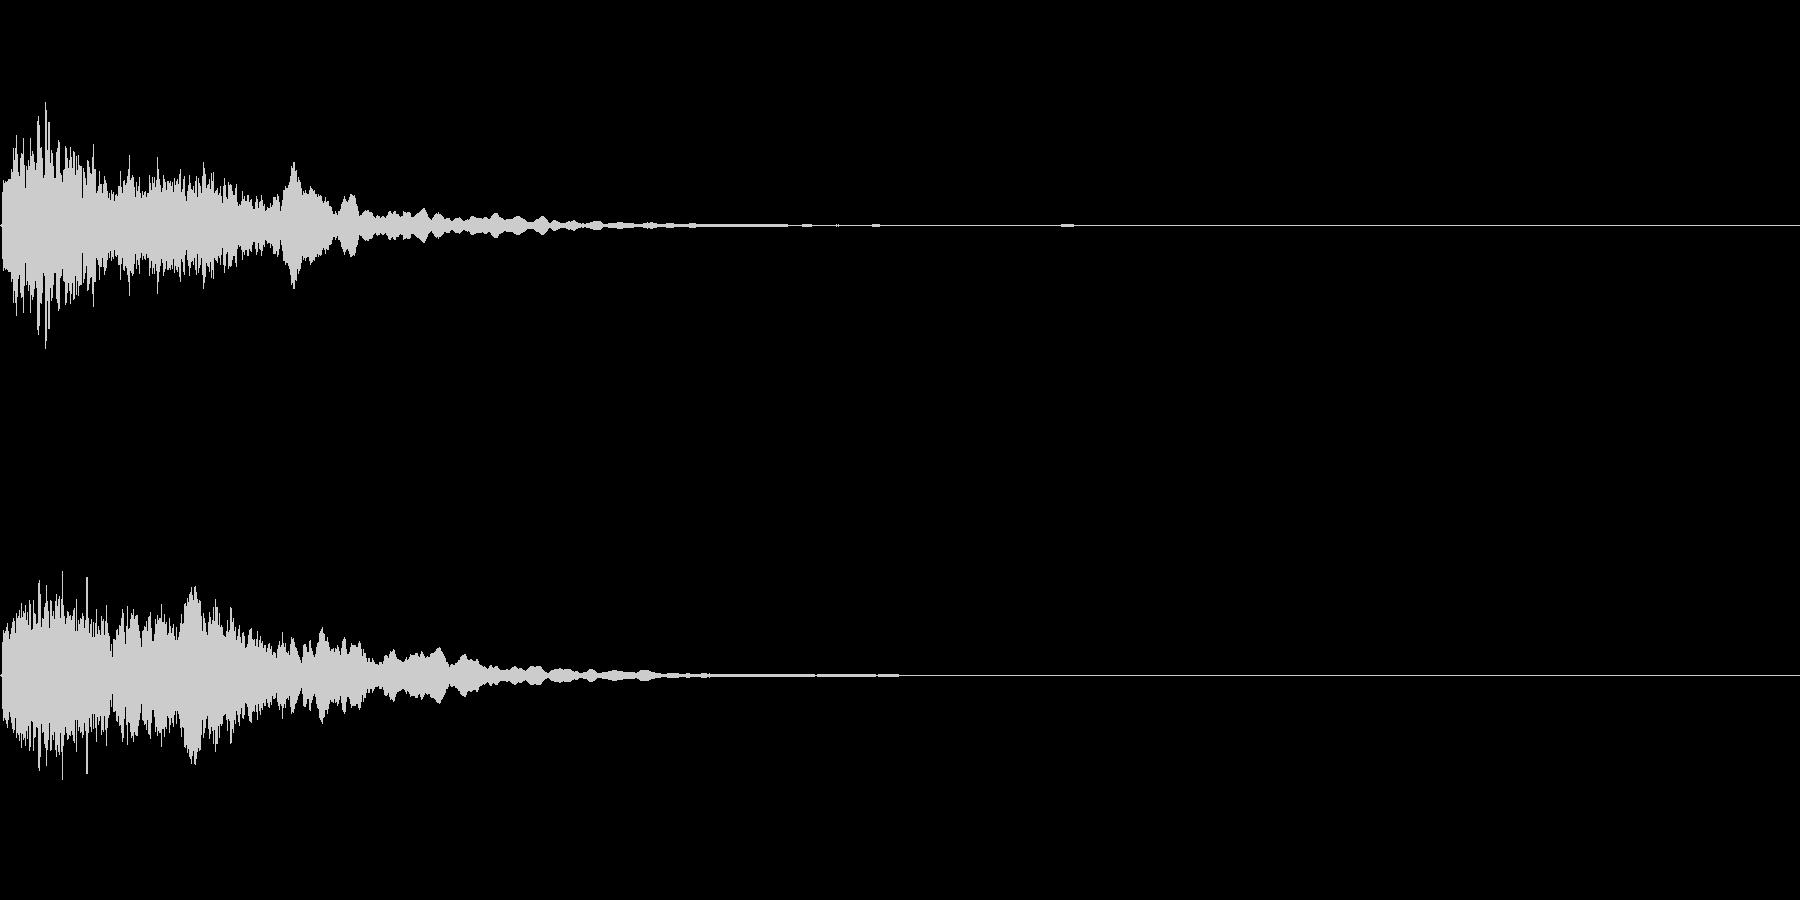 キュイーン:光るイメージの未再生の波形